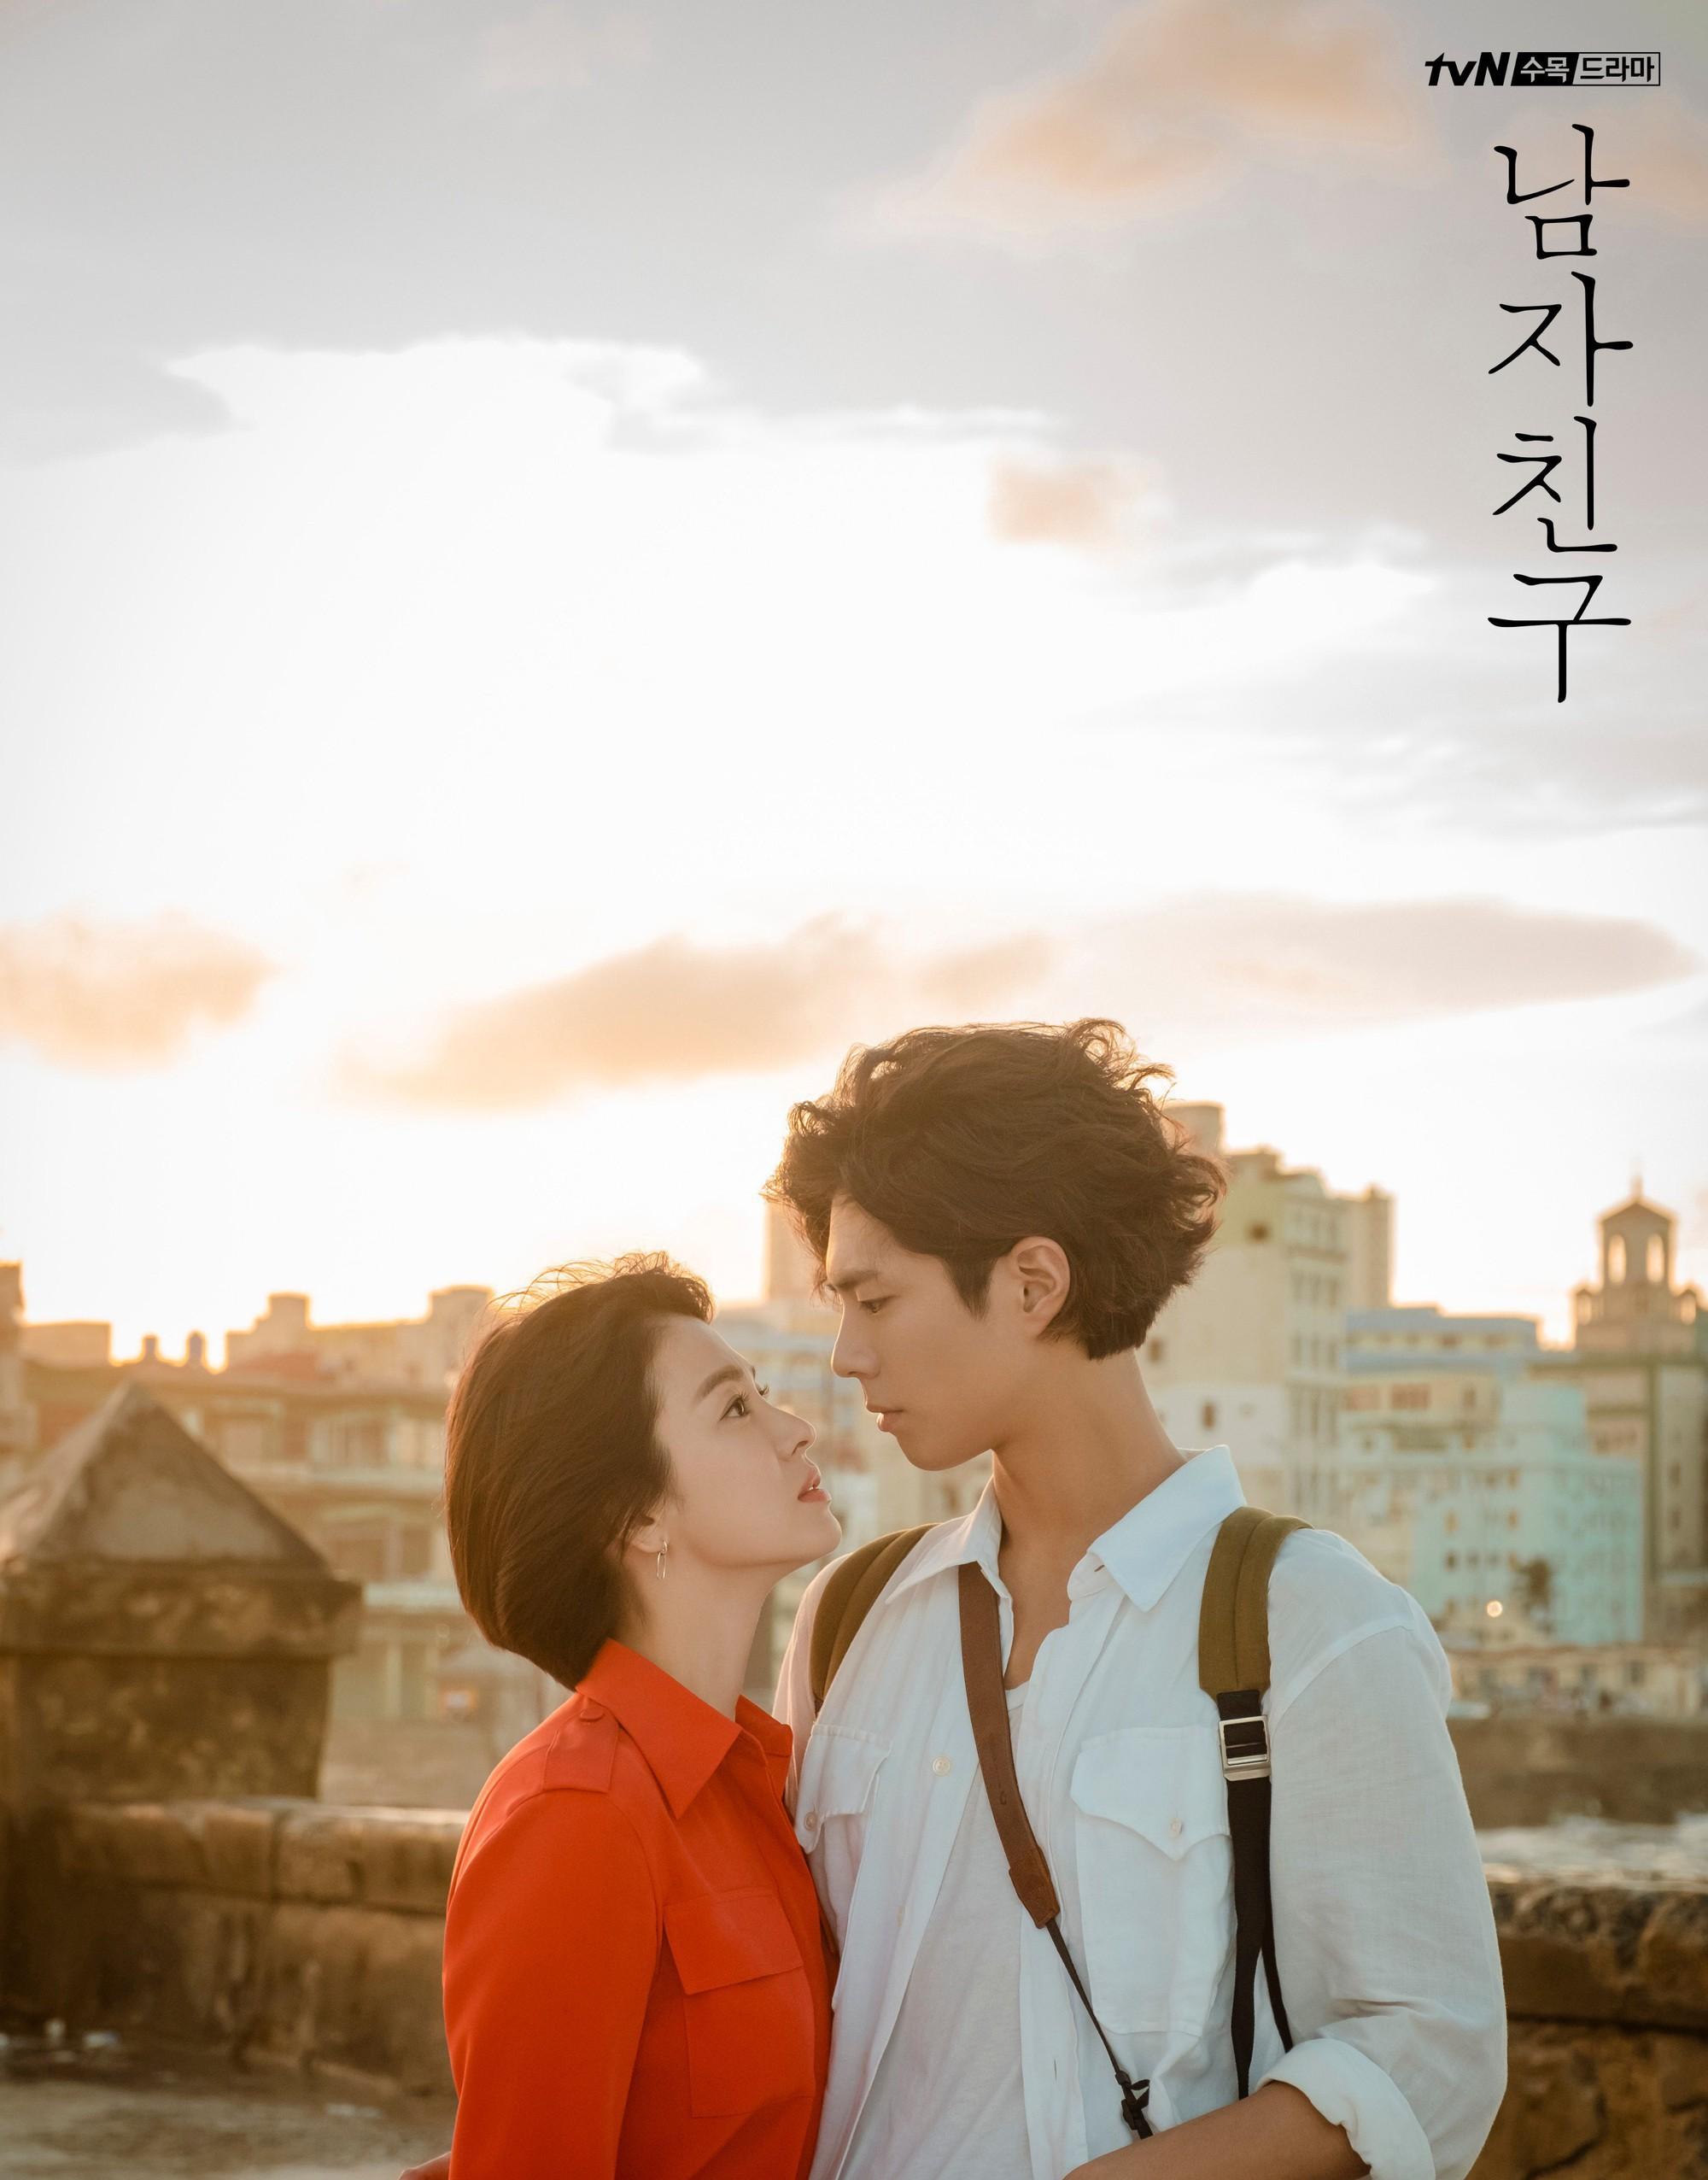 Cười mệt với loạt ảnh chế của fan Song Song Couple sau khi xem tập 1 bom tấn Hàn Encounter - Ảnh 1.